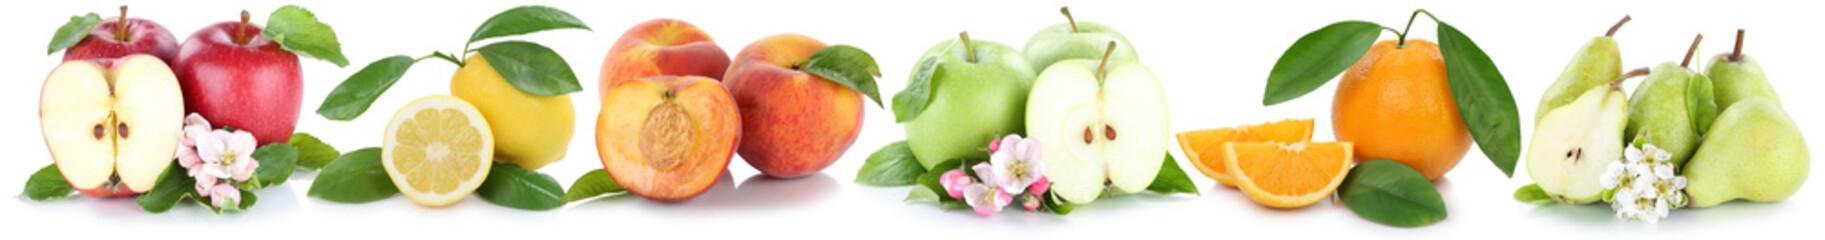 Früchte Apfel Orange Zitrone Pfirsich Äpfel Orangen frische Fr